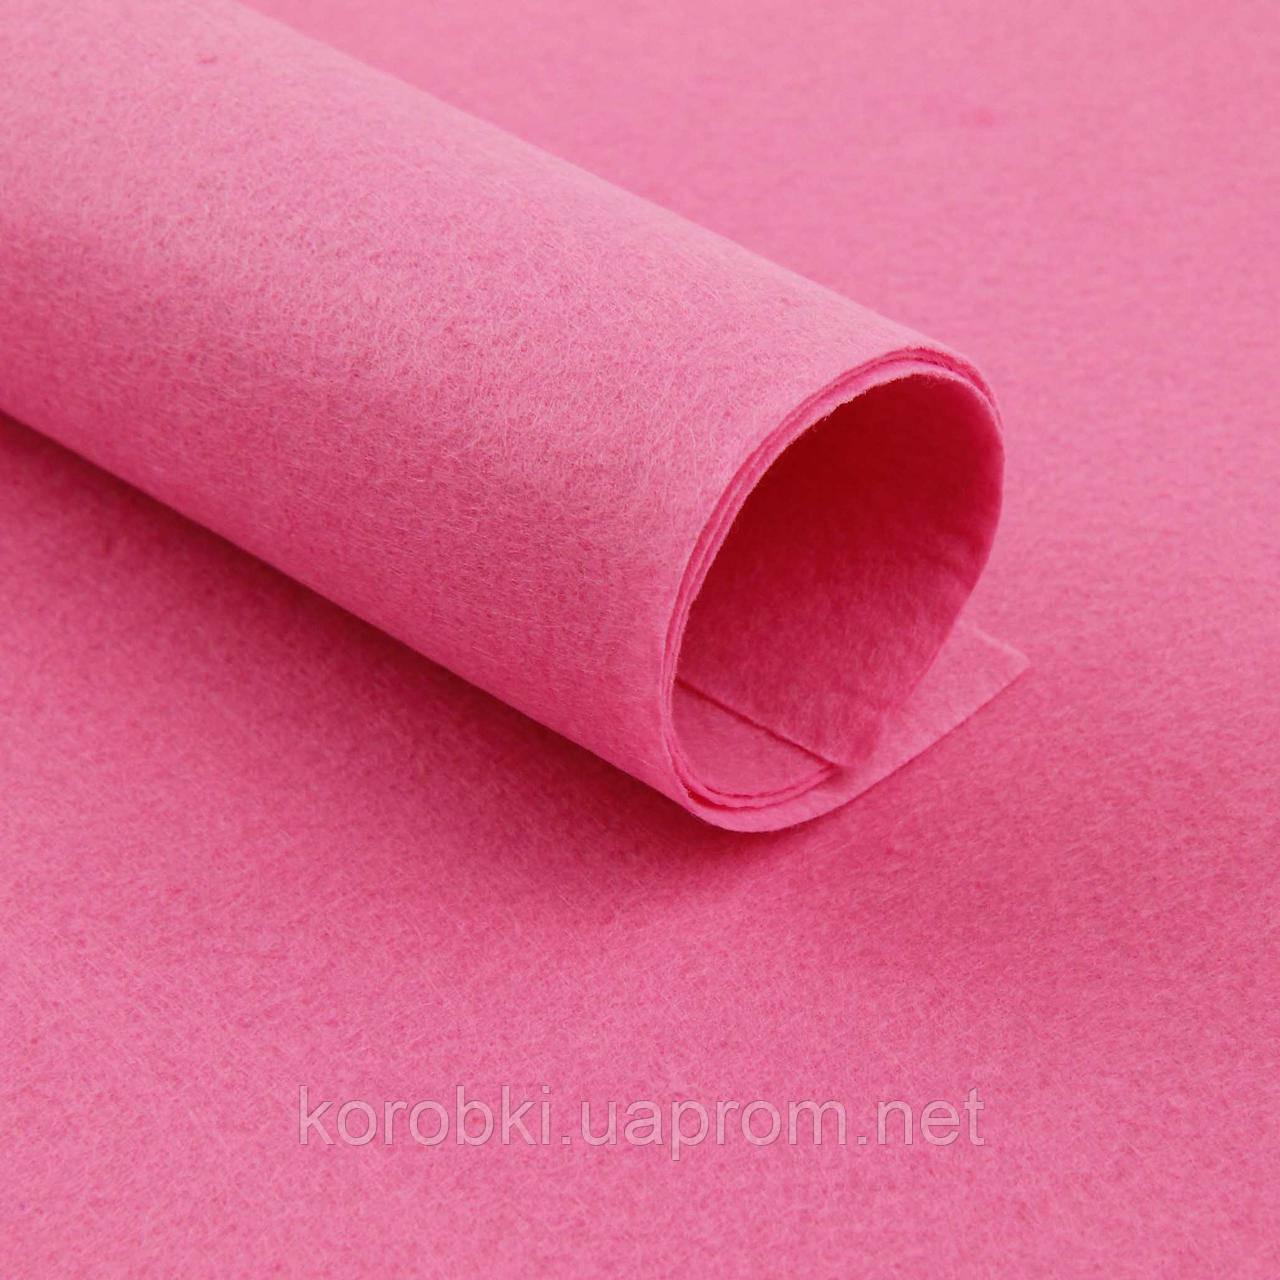 Фетр однотонный, цвет D04, 1824243-1 (70*50 см, толщина 1 мм, 10 листов в упаковке)